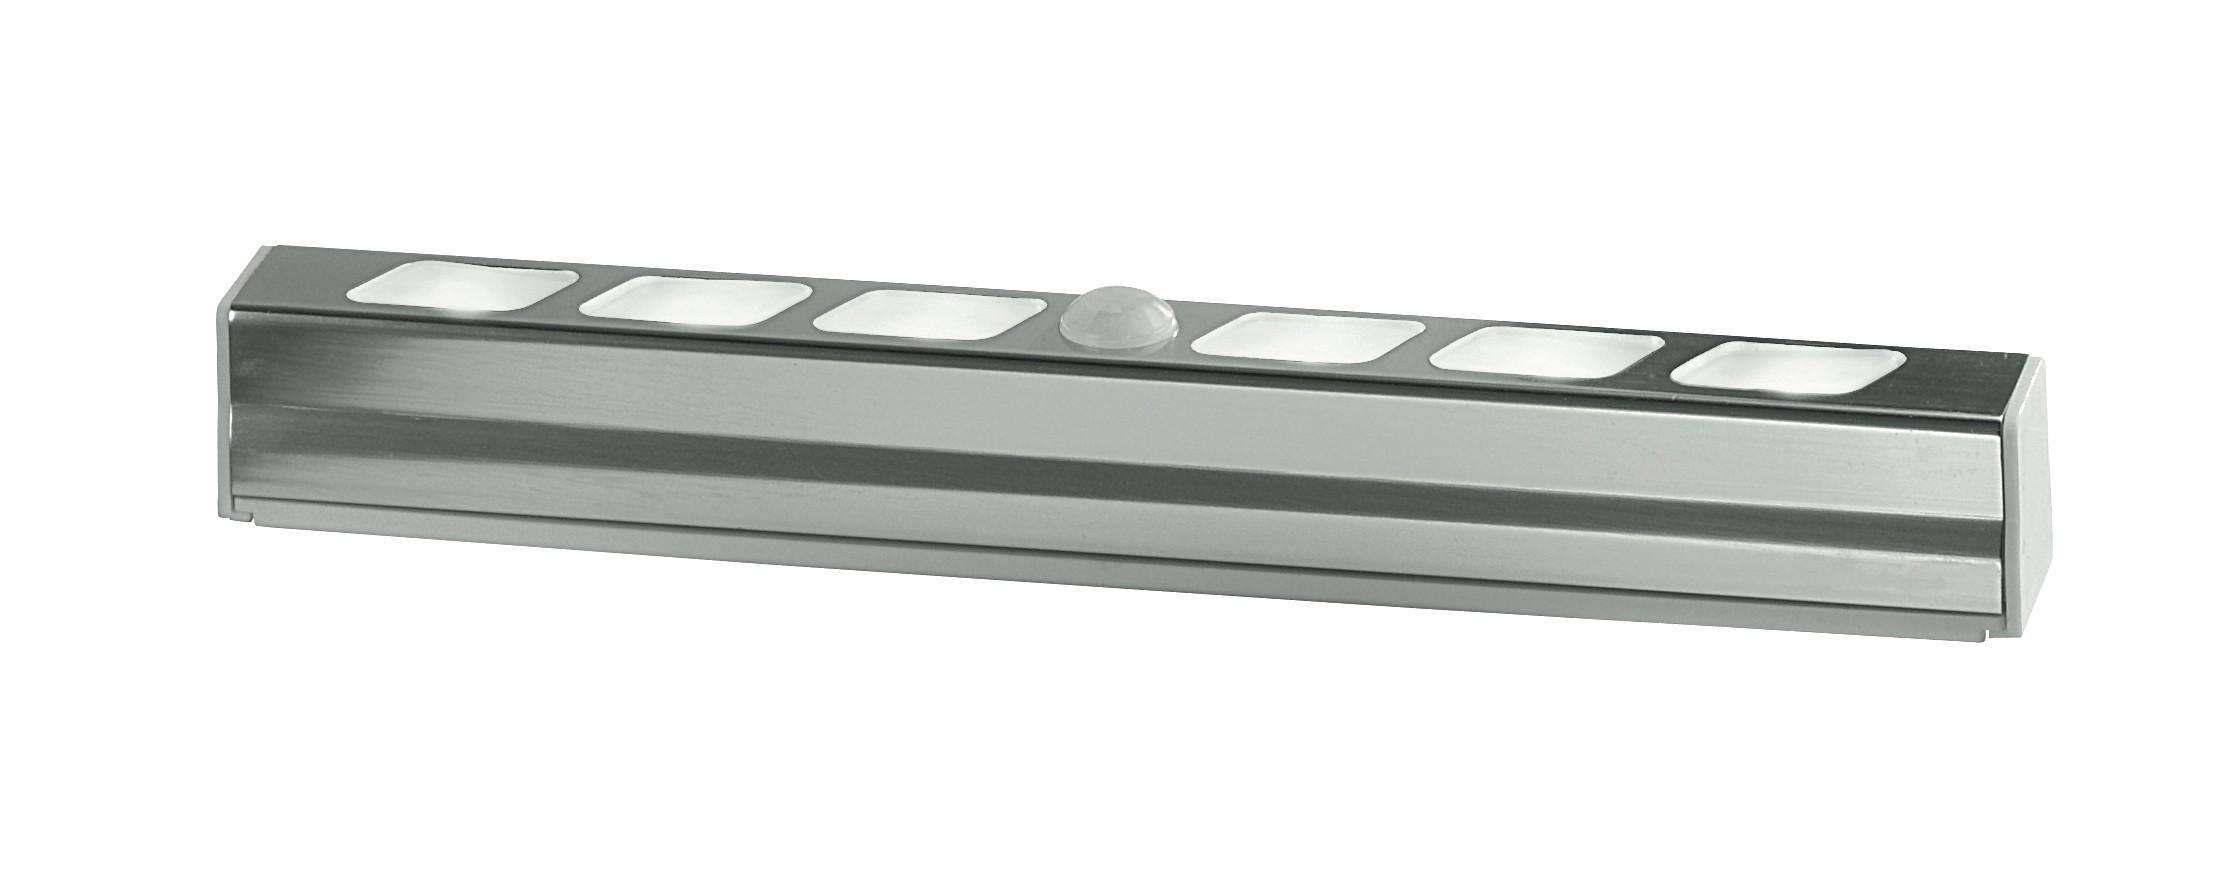 LED-ODIC-3W - Lampada a led sottopensile cucina con sensore ...